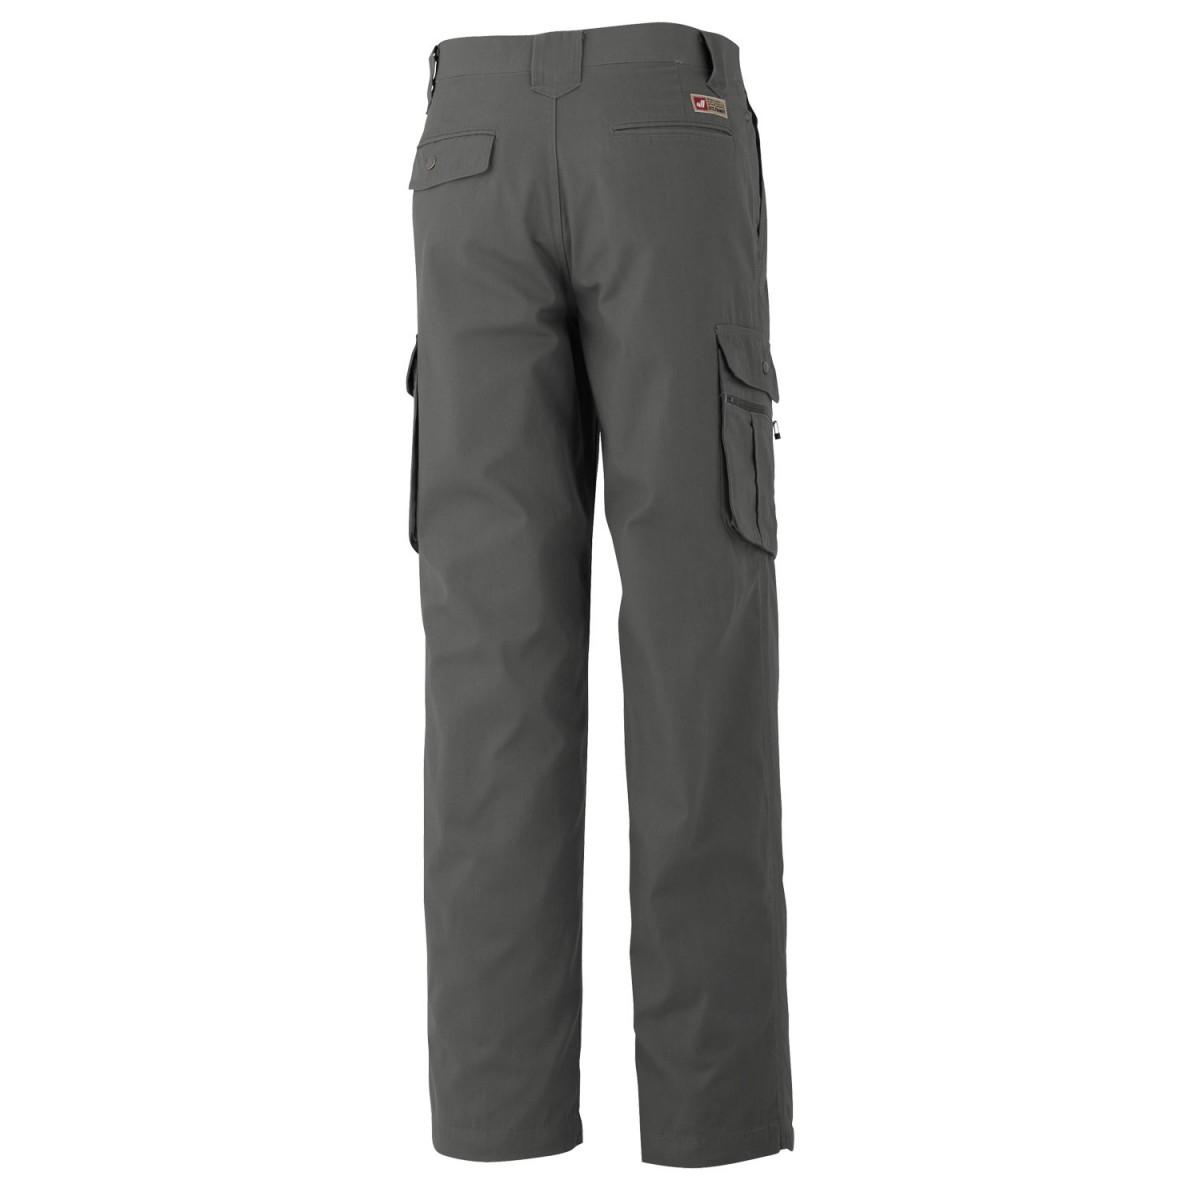 【TSDESIGN】工作褲 【8813】 - 「Webike-摩托百貨」